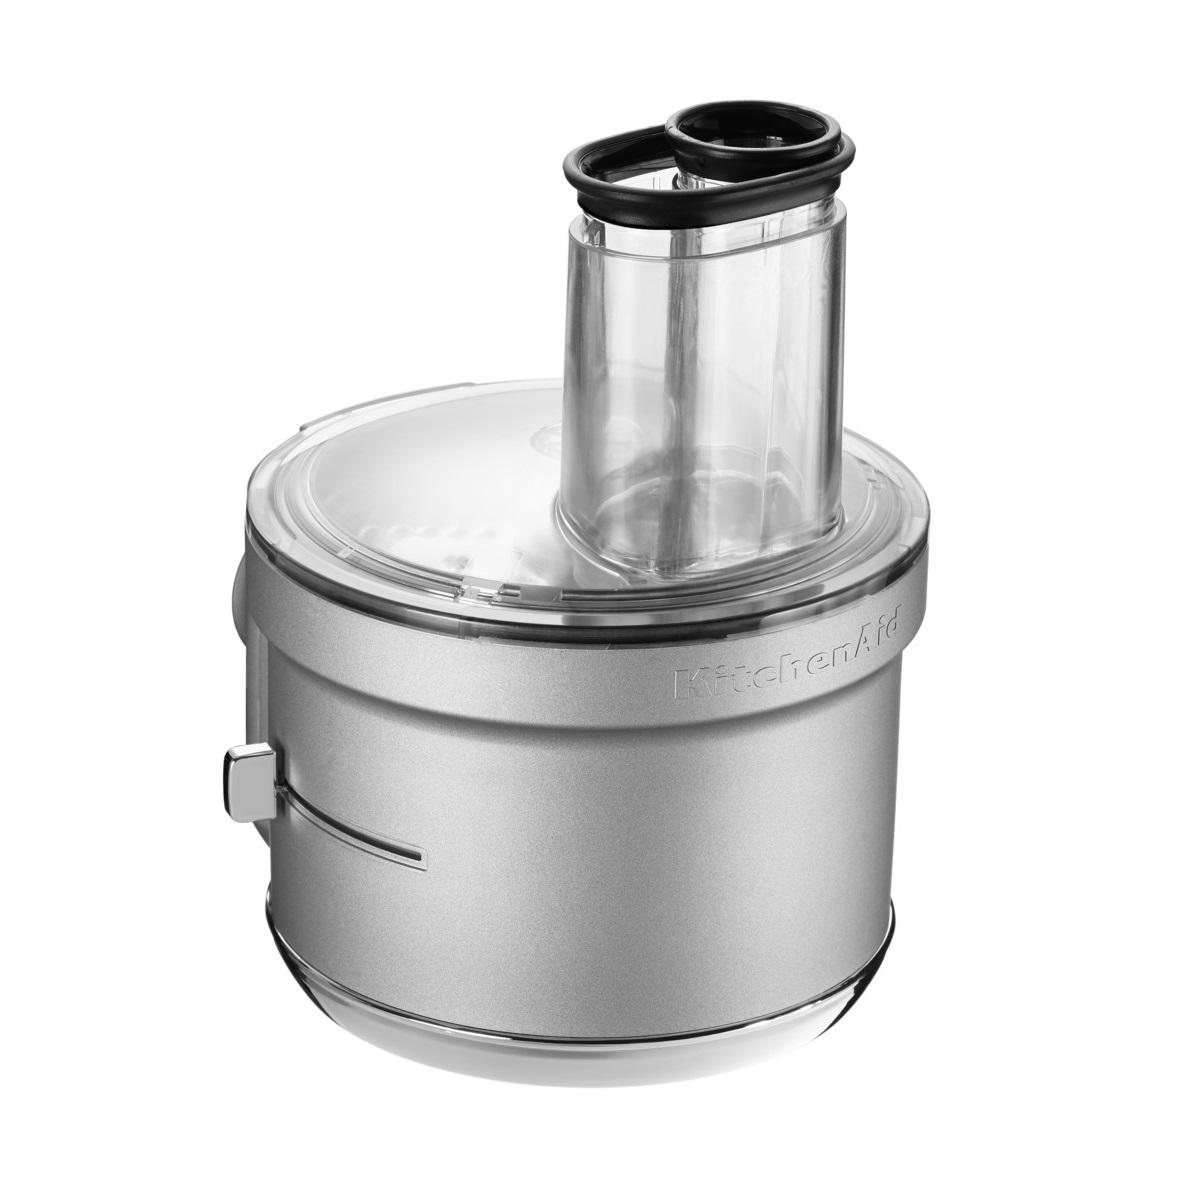 5KSM2FPA - Food Processor-Vorsatz